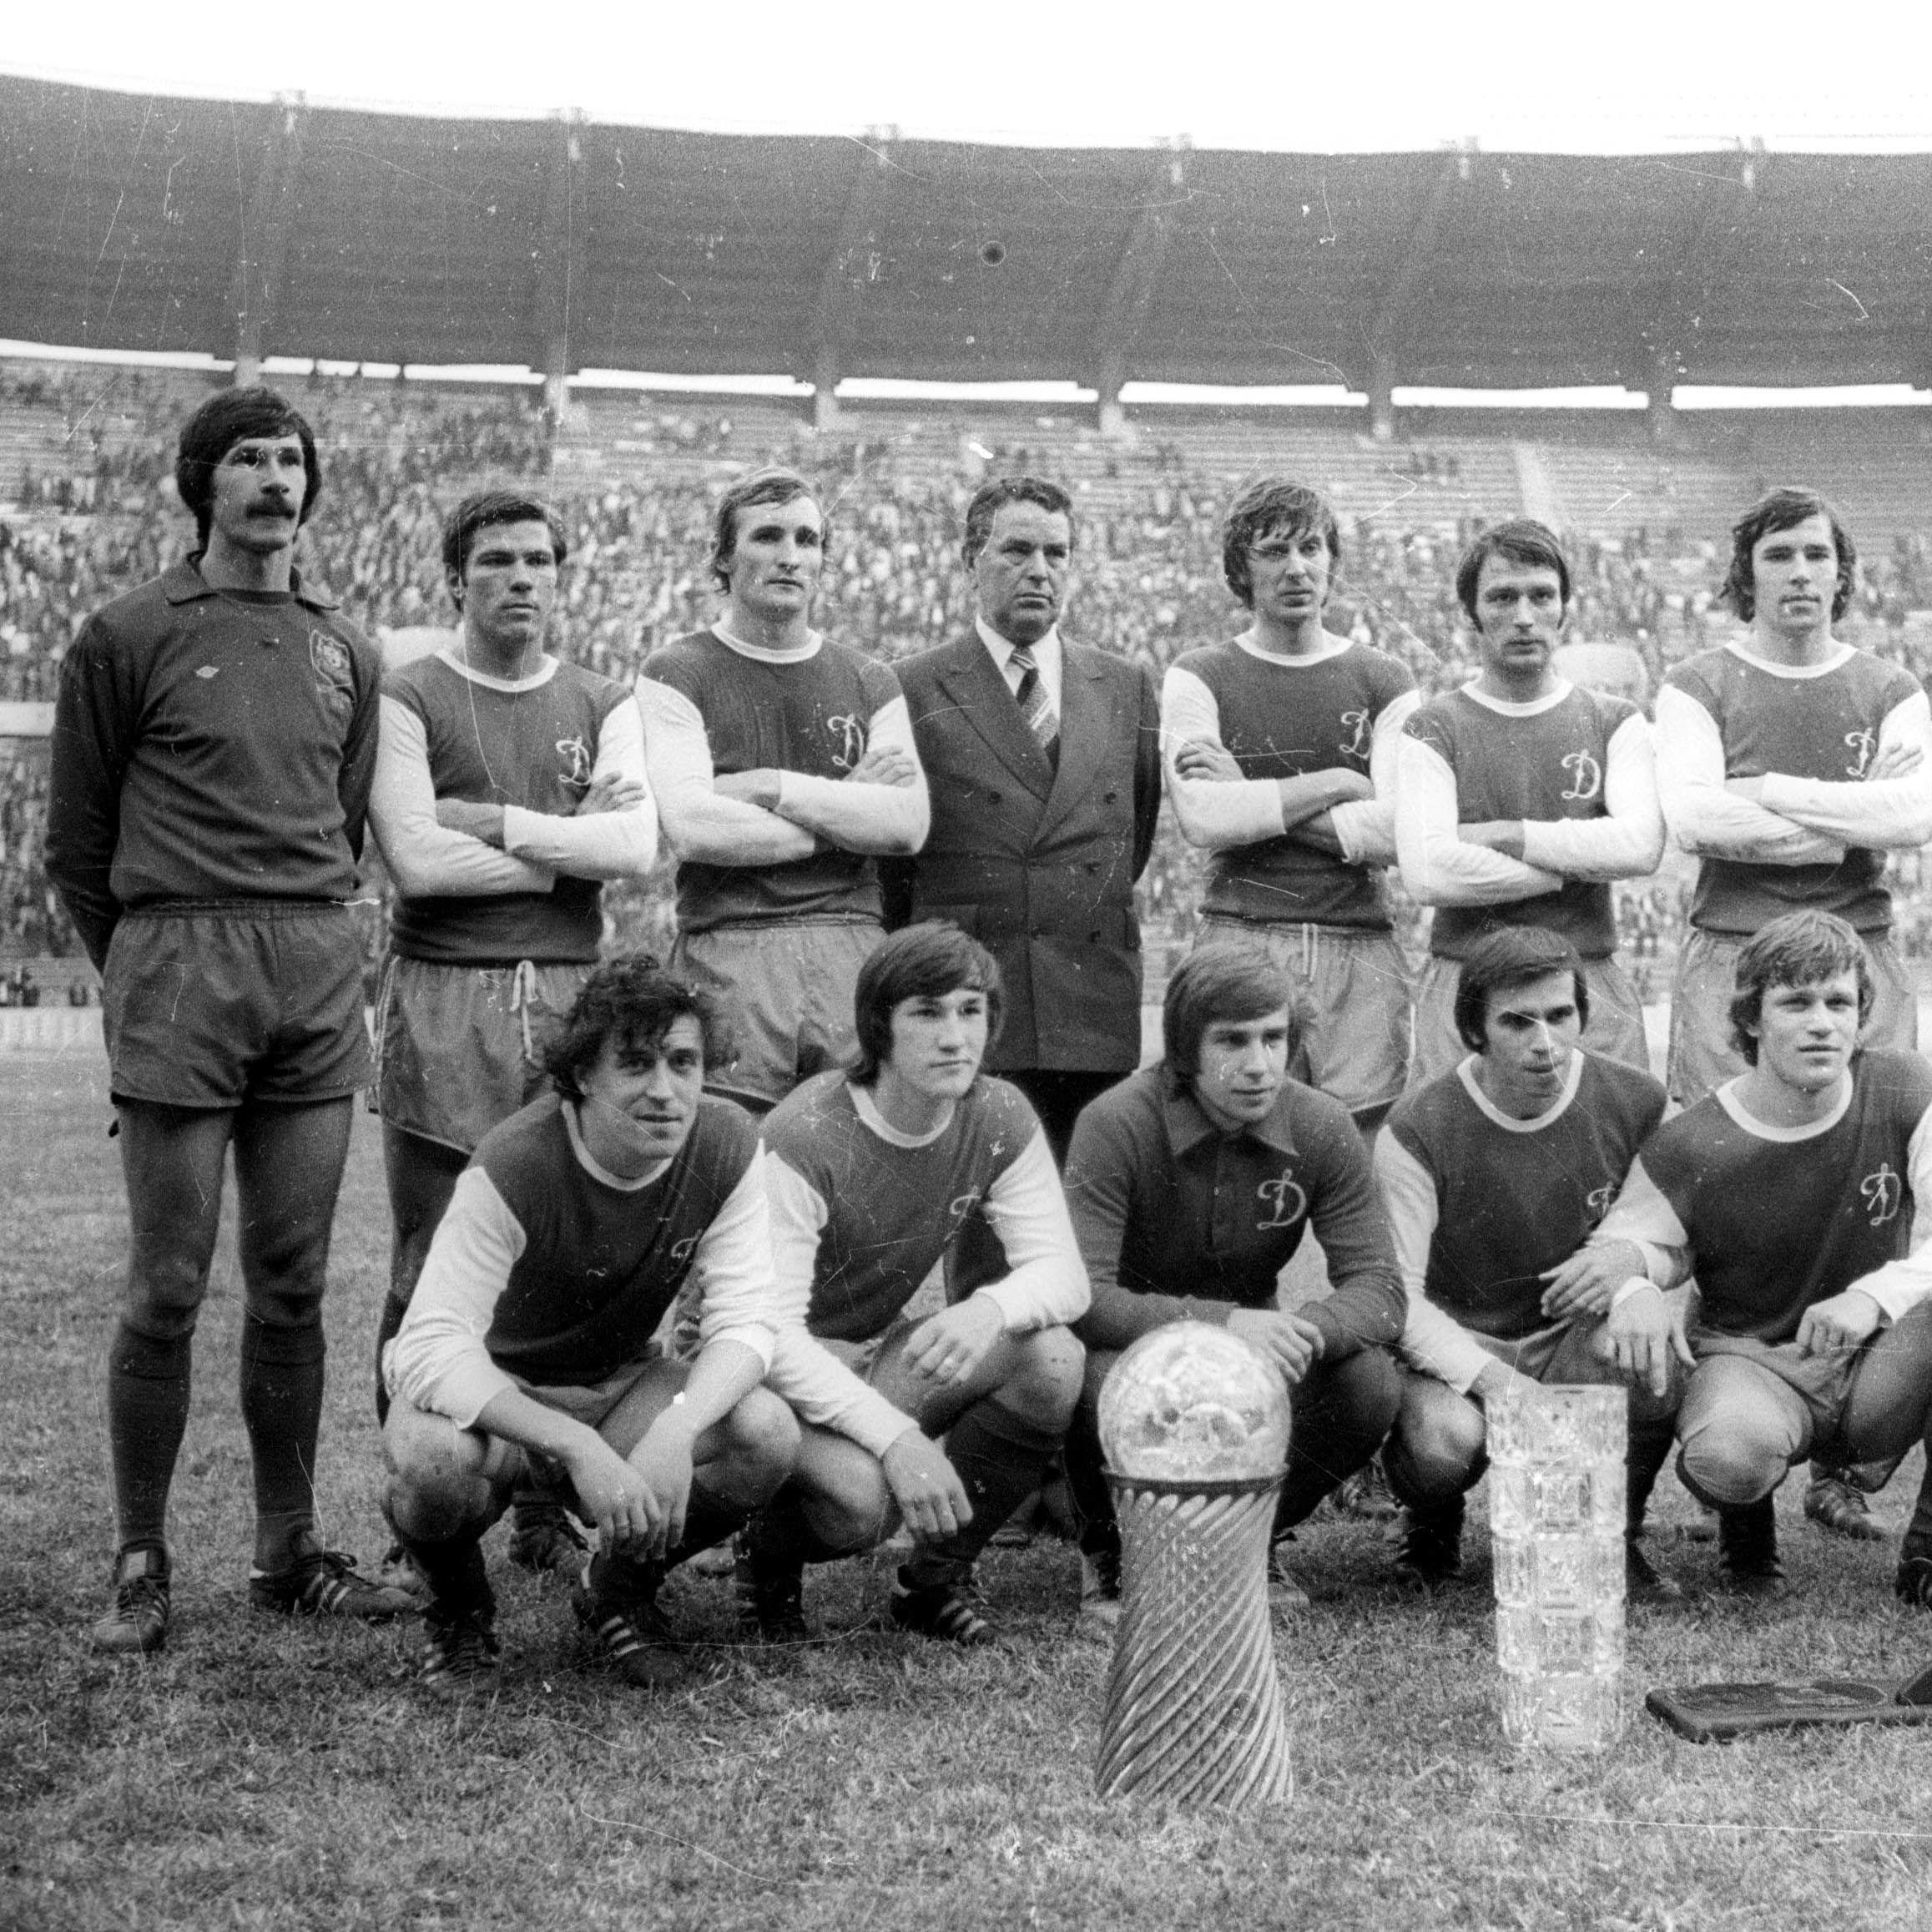 USSR Supercup